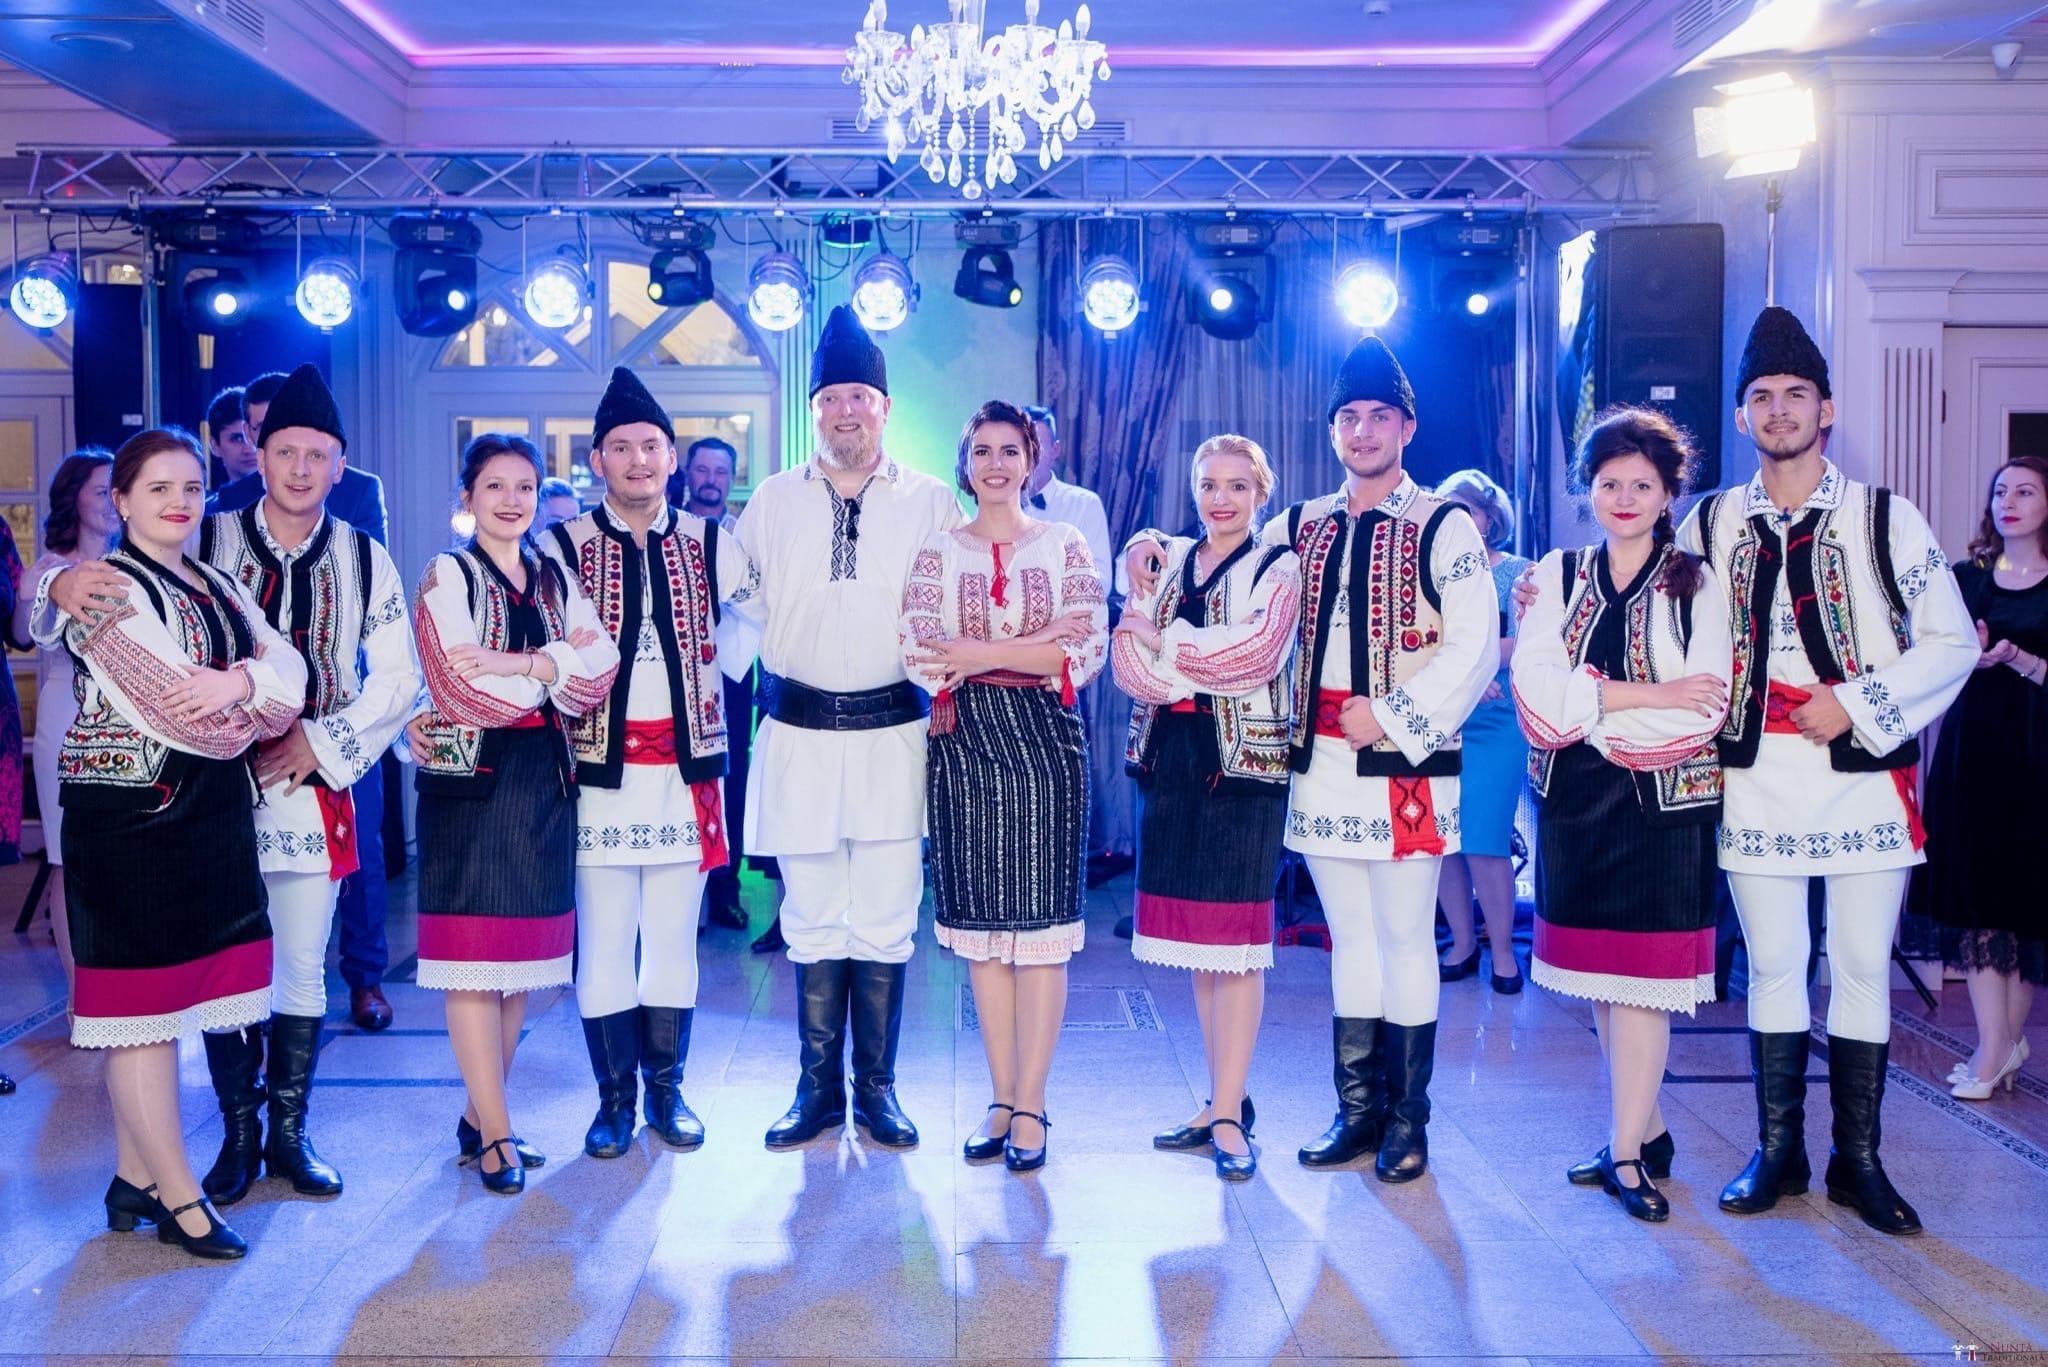 Povești Nunți Tradiționale - Georgiana și Andrei, nuntă tradițională în Iași 25